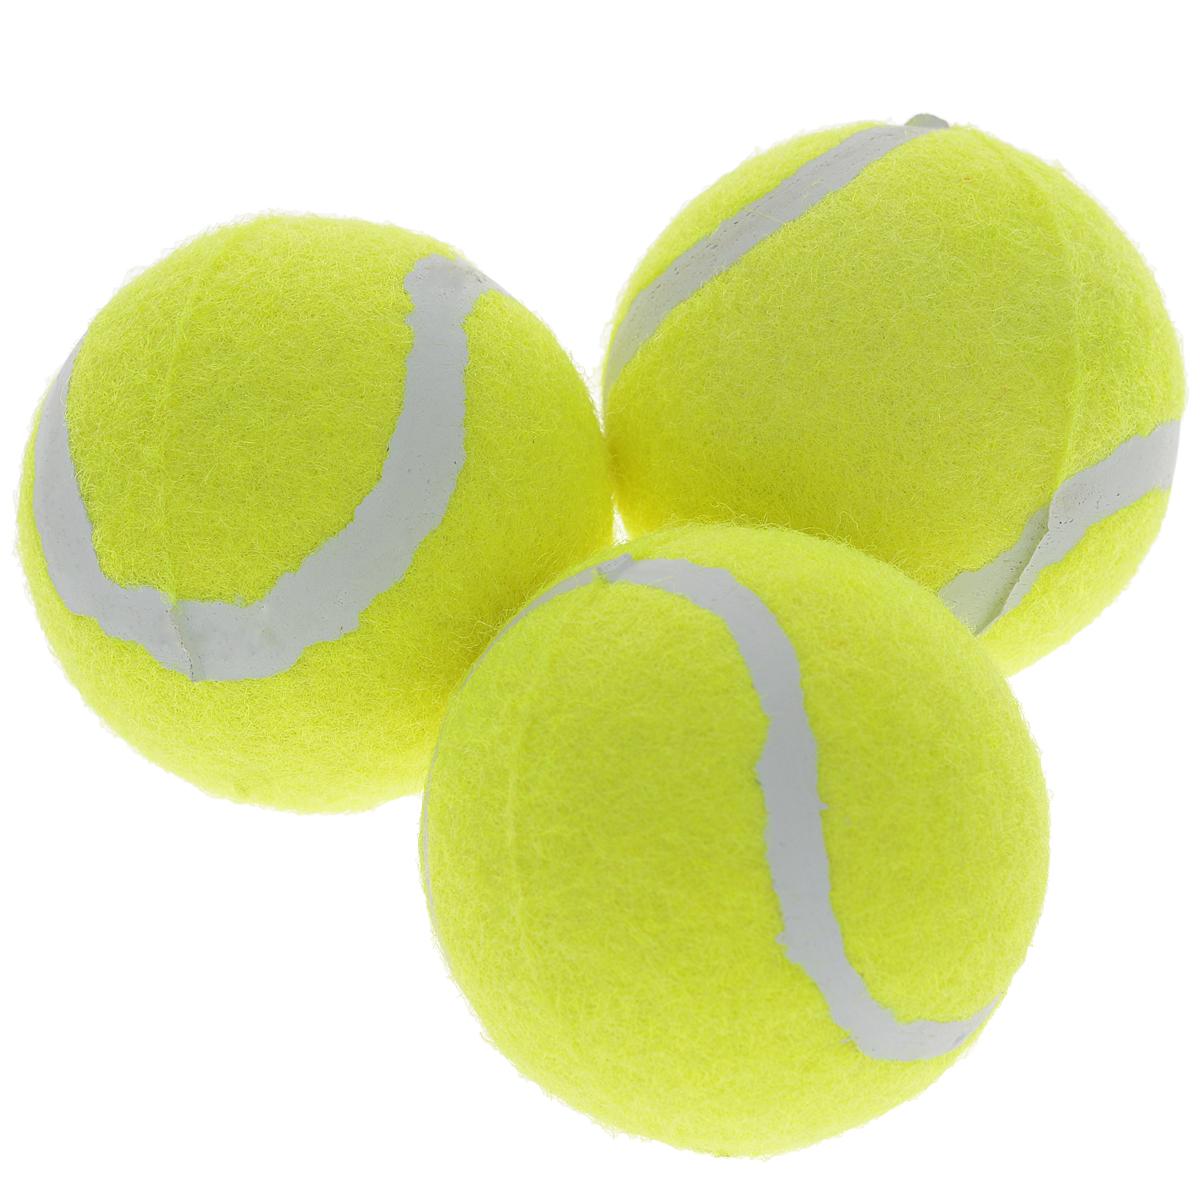 все цены на  Набор теннисных мячей Start Up, в тубе, 3 шт  онлайн